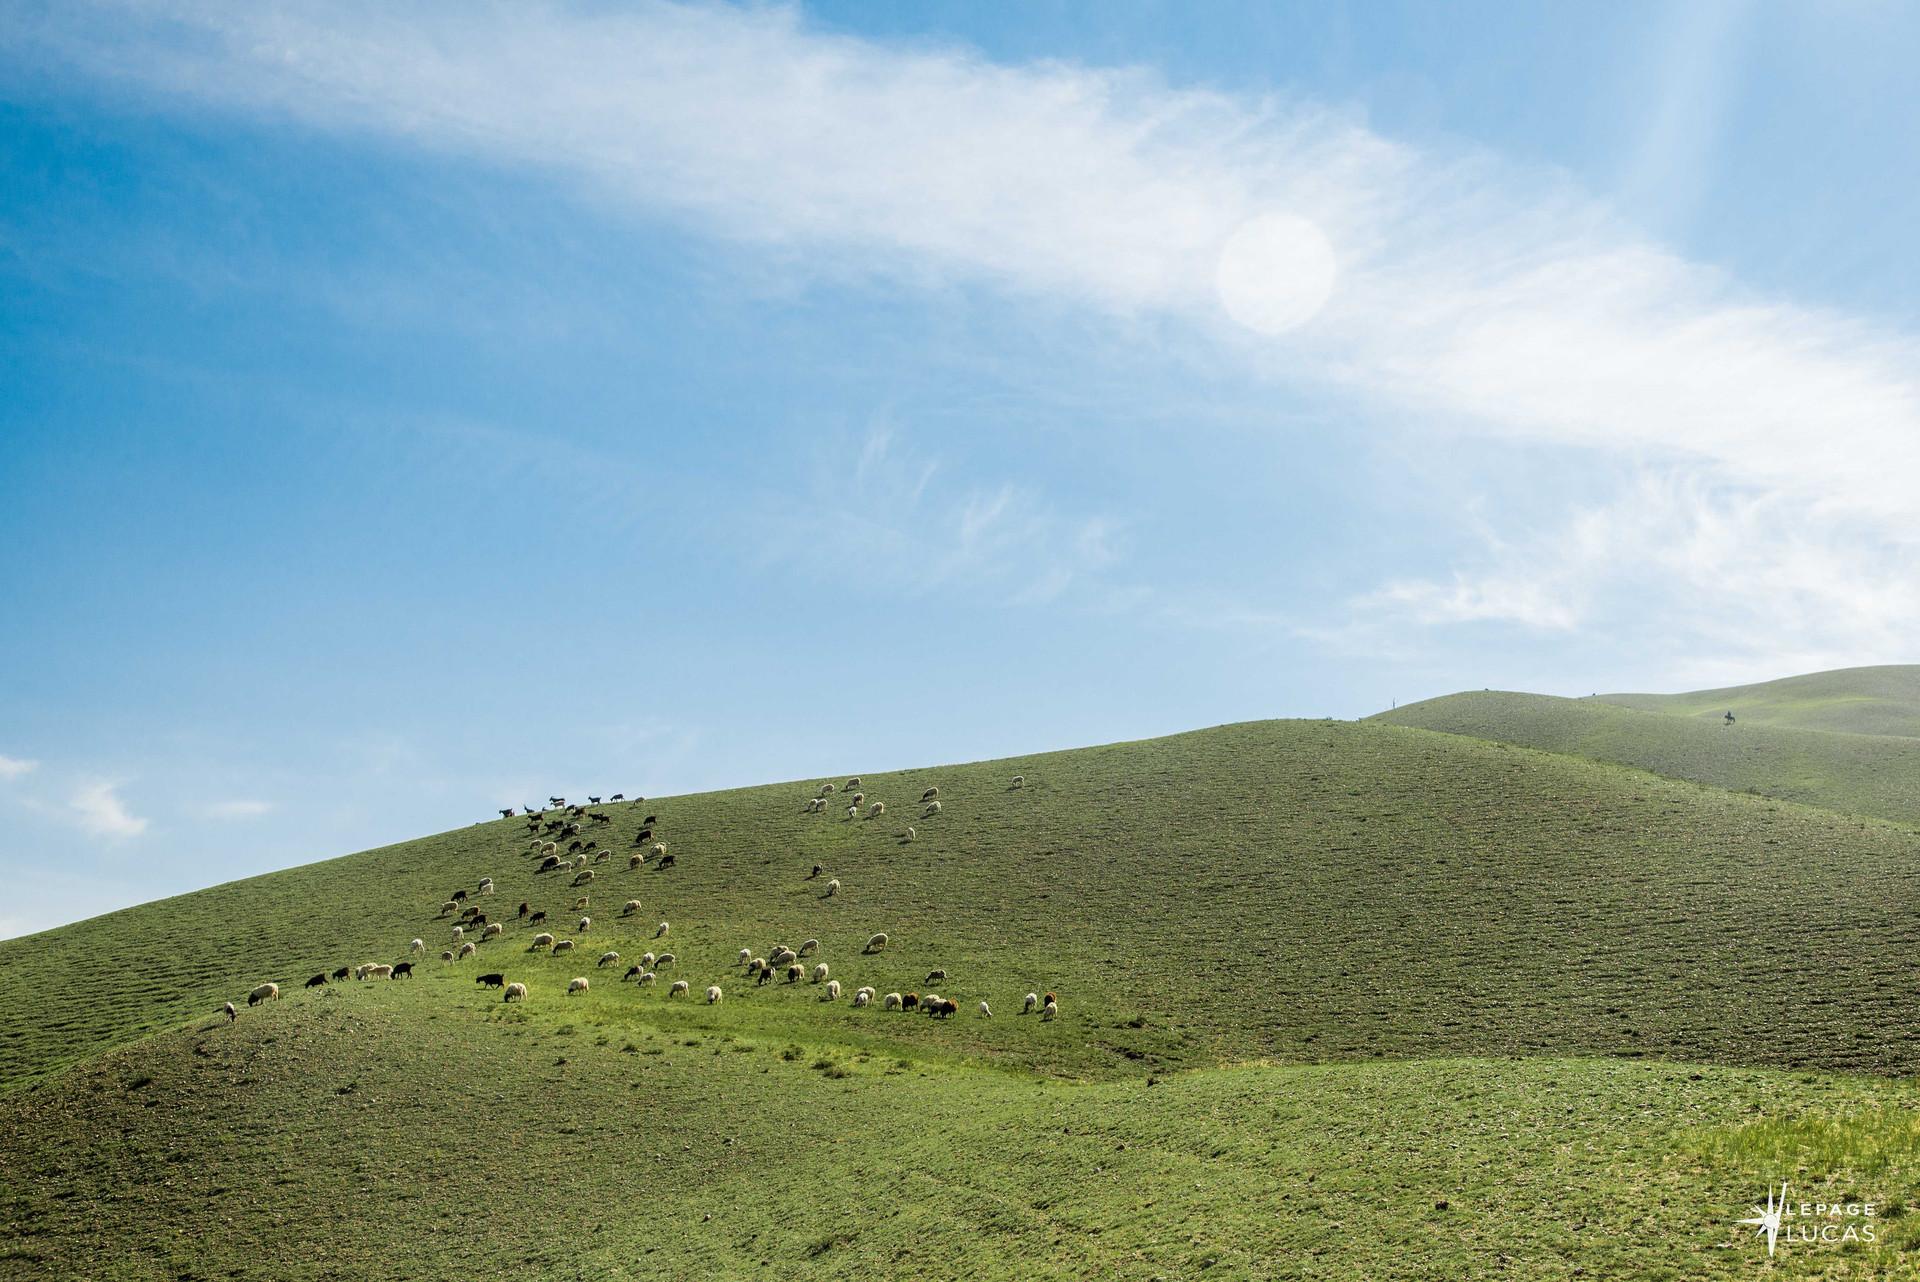 Mongolie-27.jpg